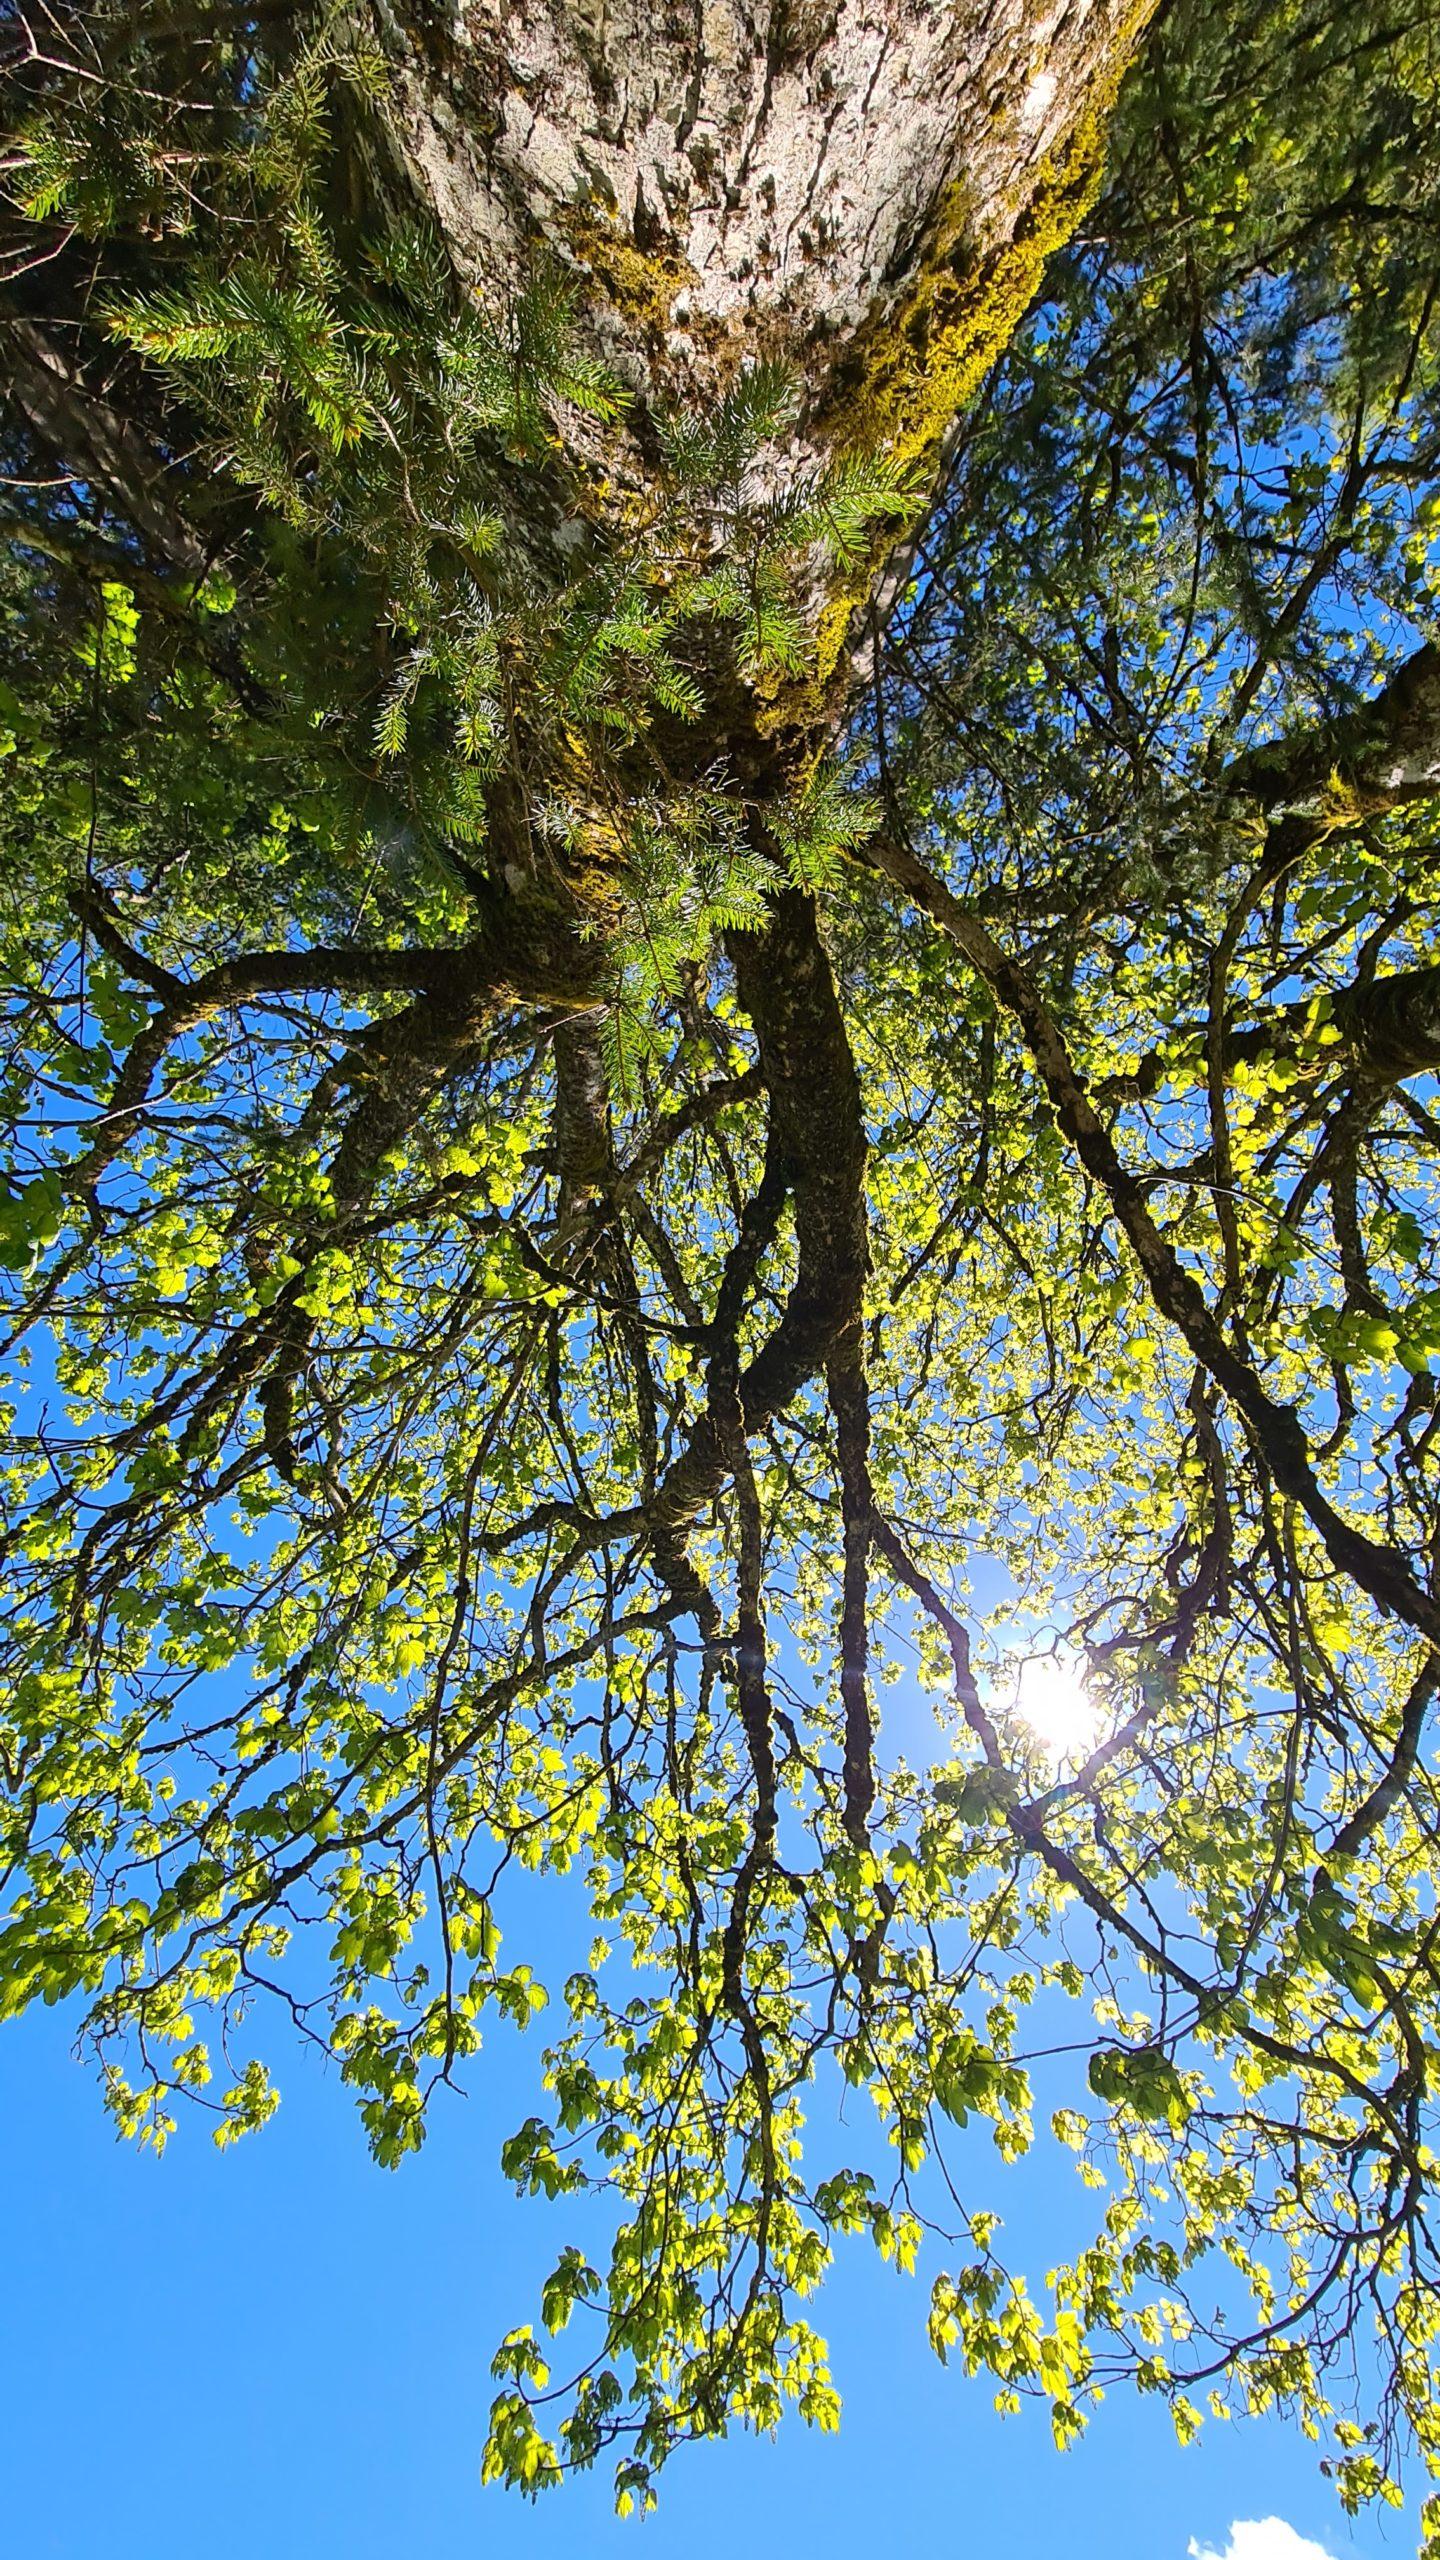 Baumkrone aus Vogelperspektive © Belina Huttegger